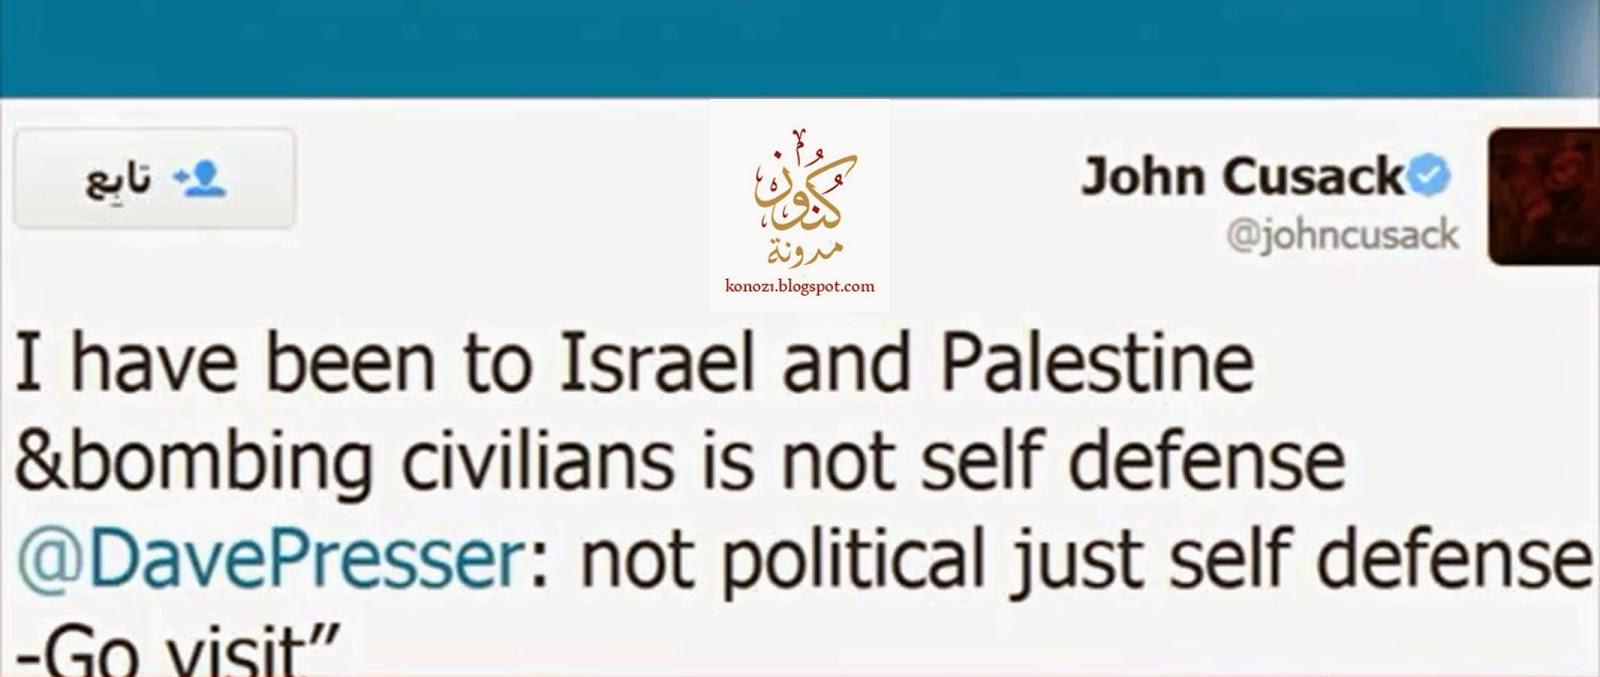 """أصوات من هوليوود تندد بالعدوان """"الاسرائيلي"""" على غزة"""